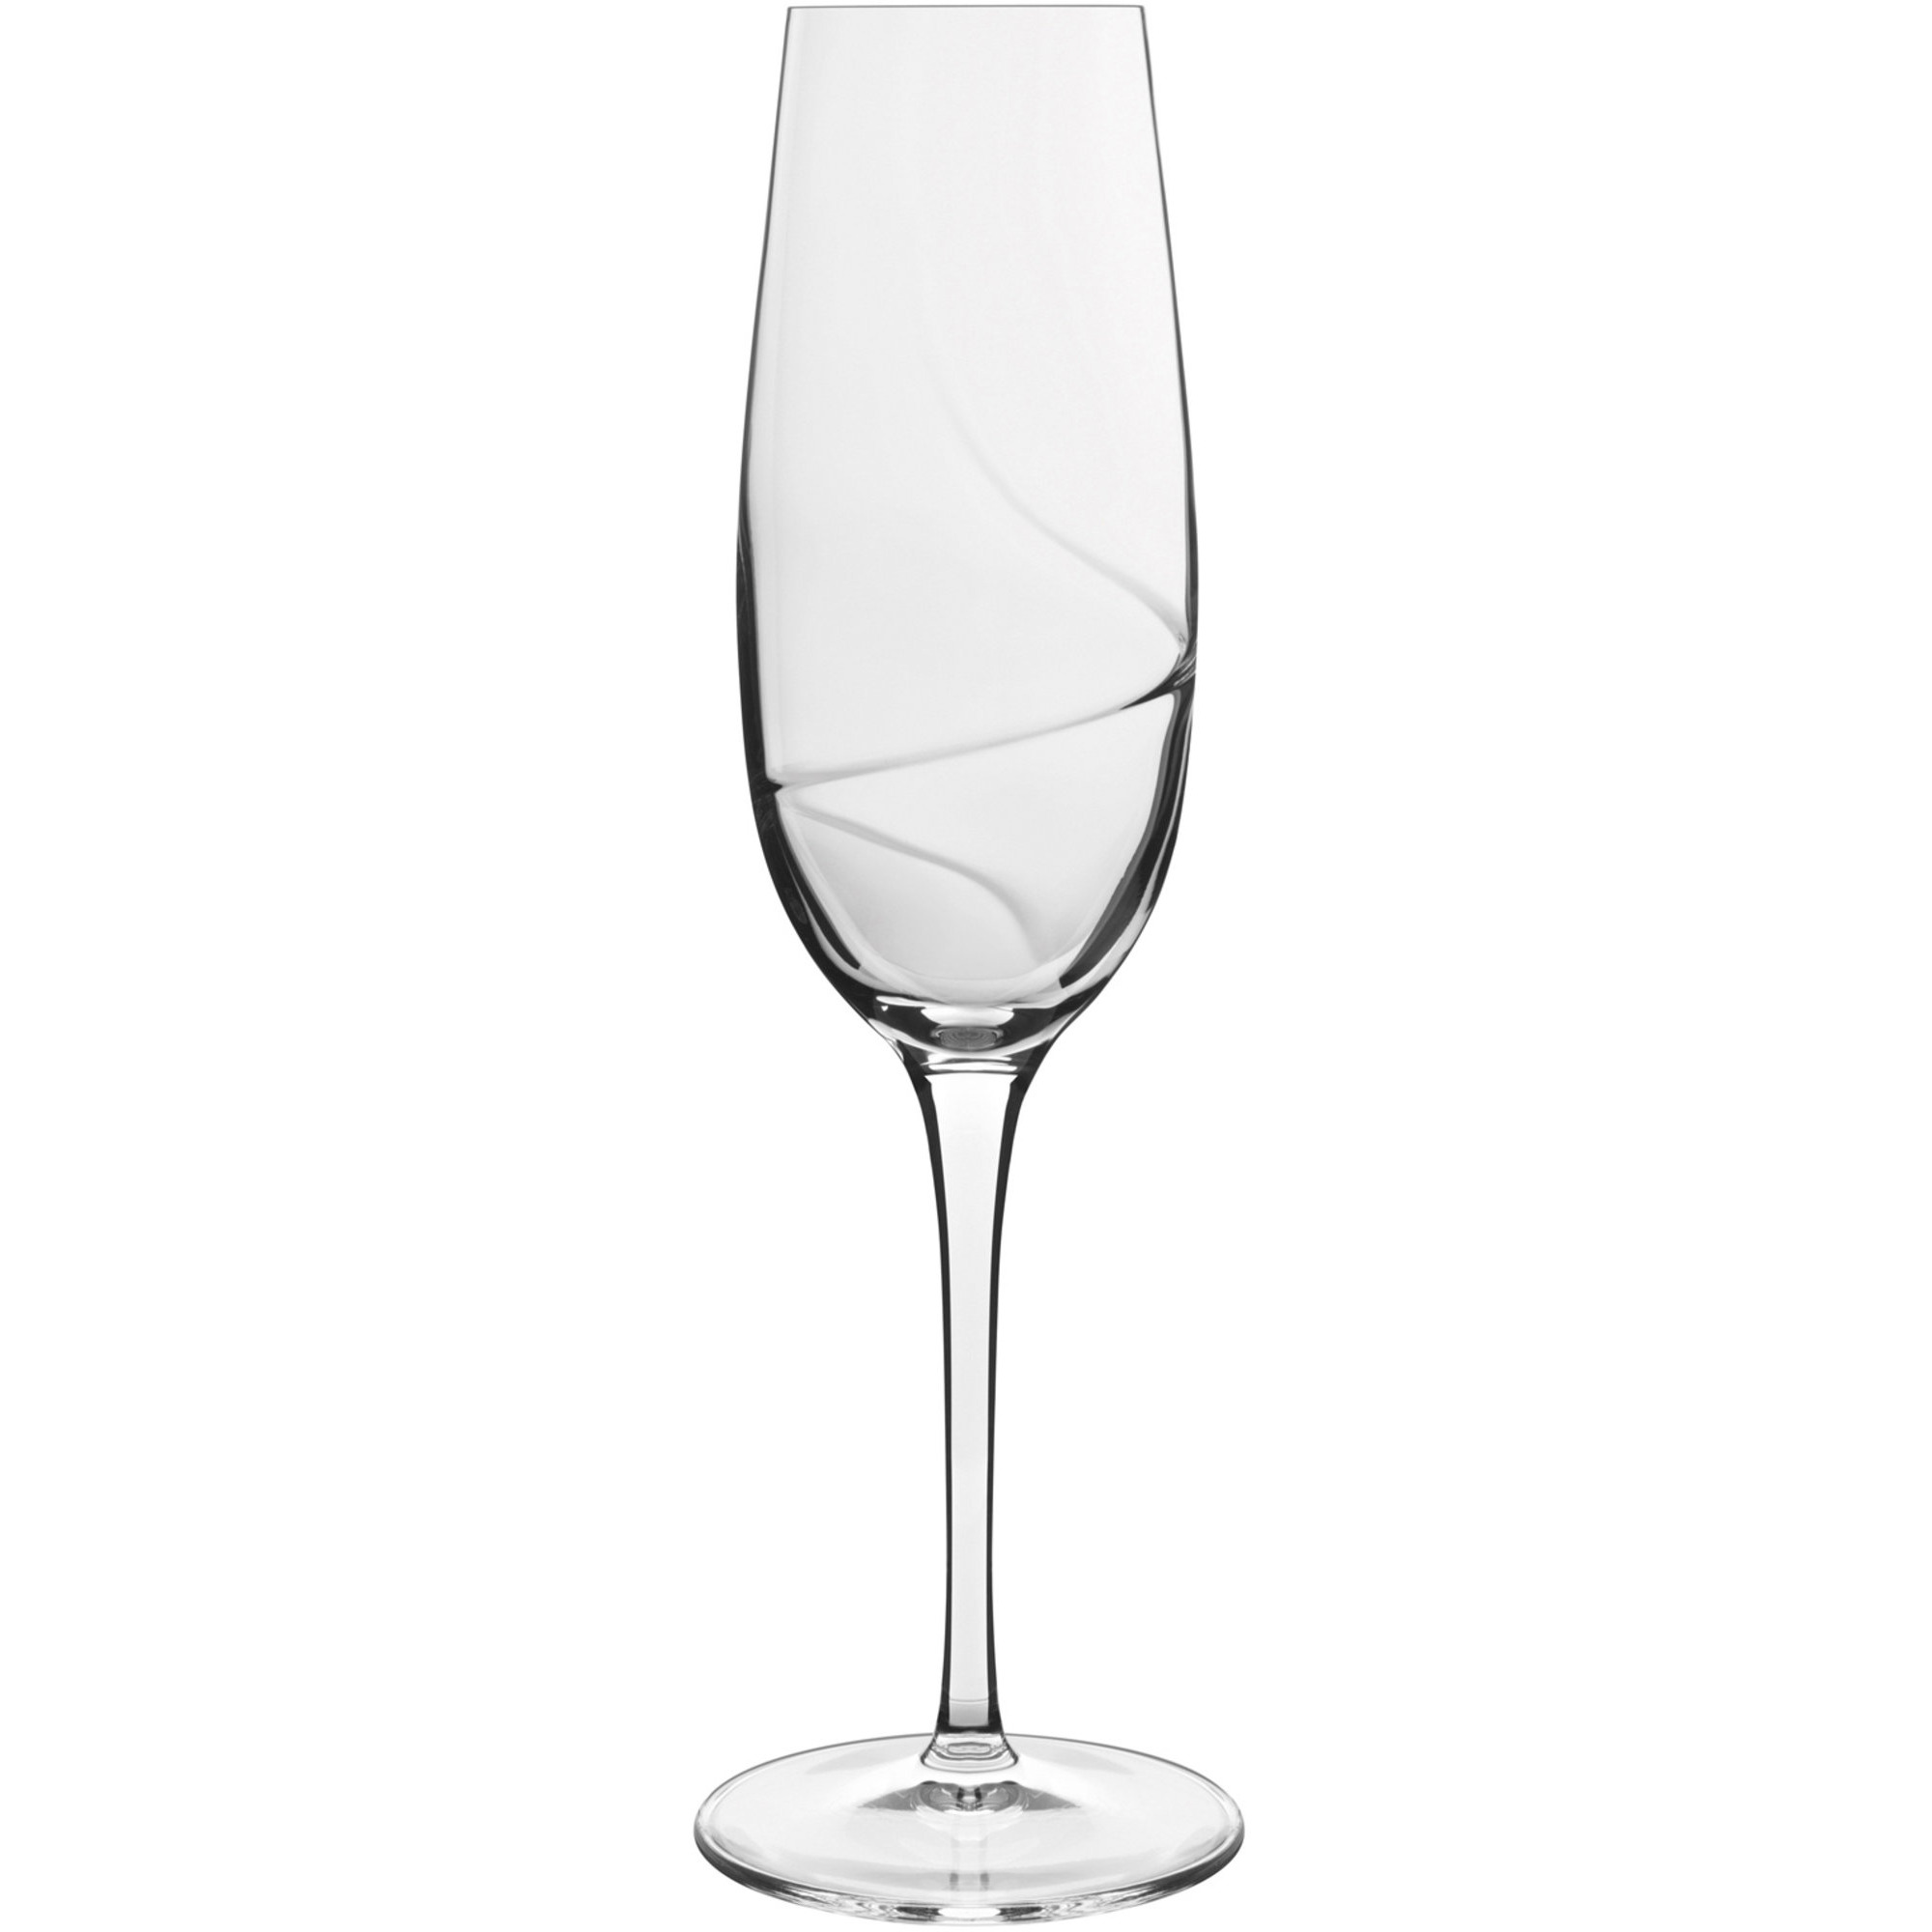 Luigi Bormioli Aero champagneglas 6 st.